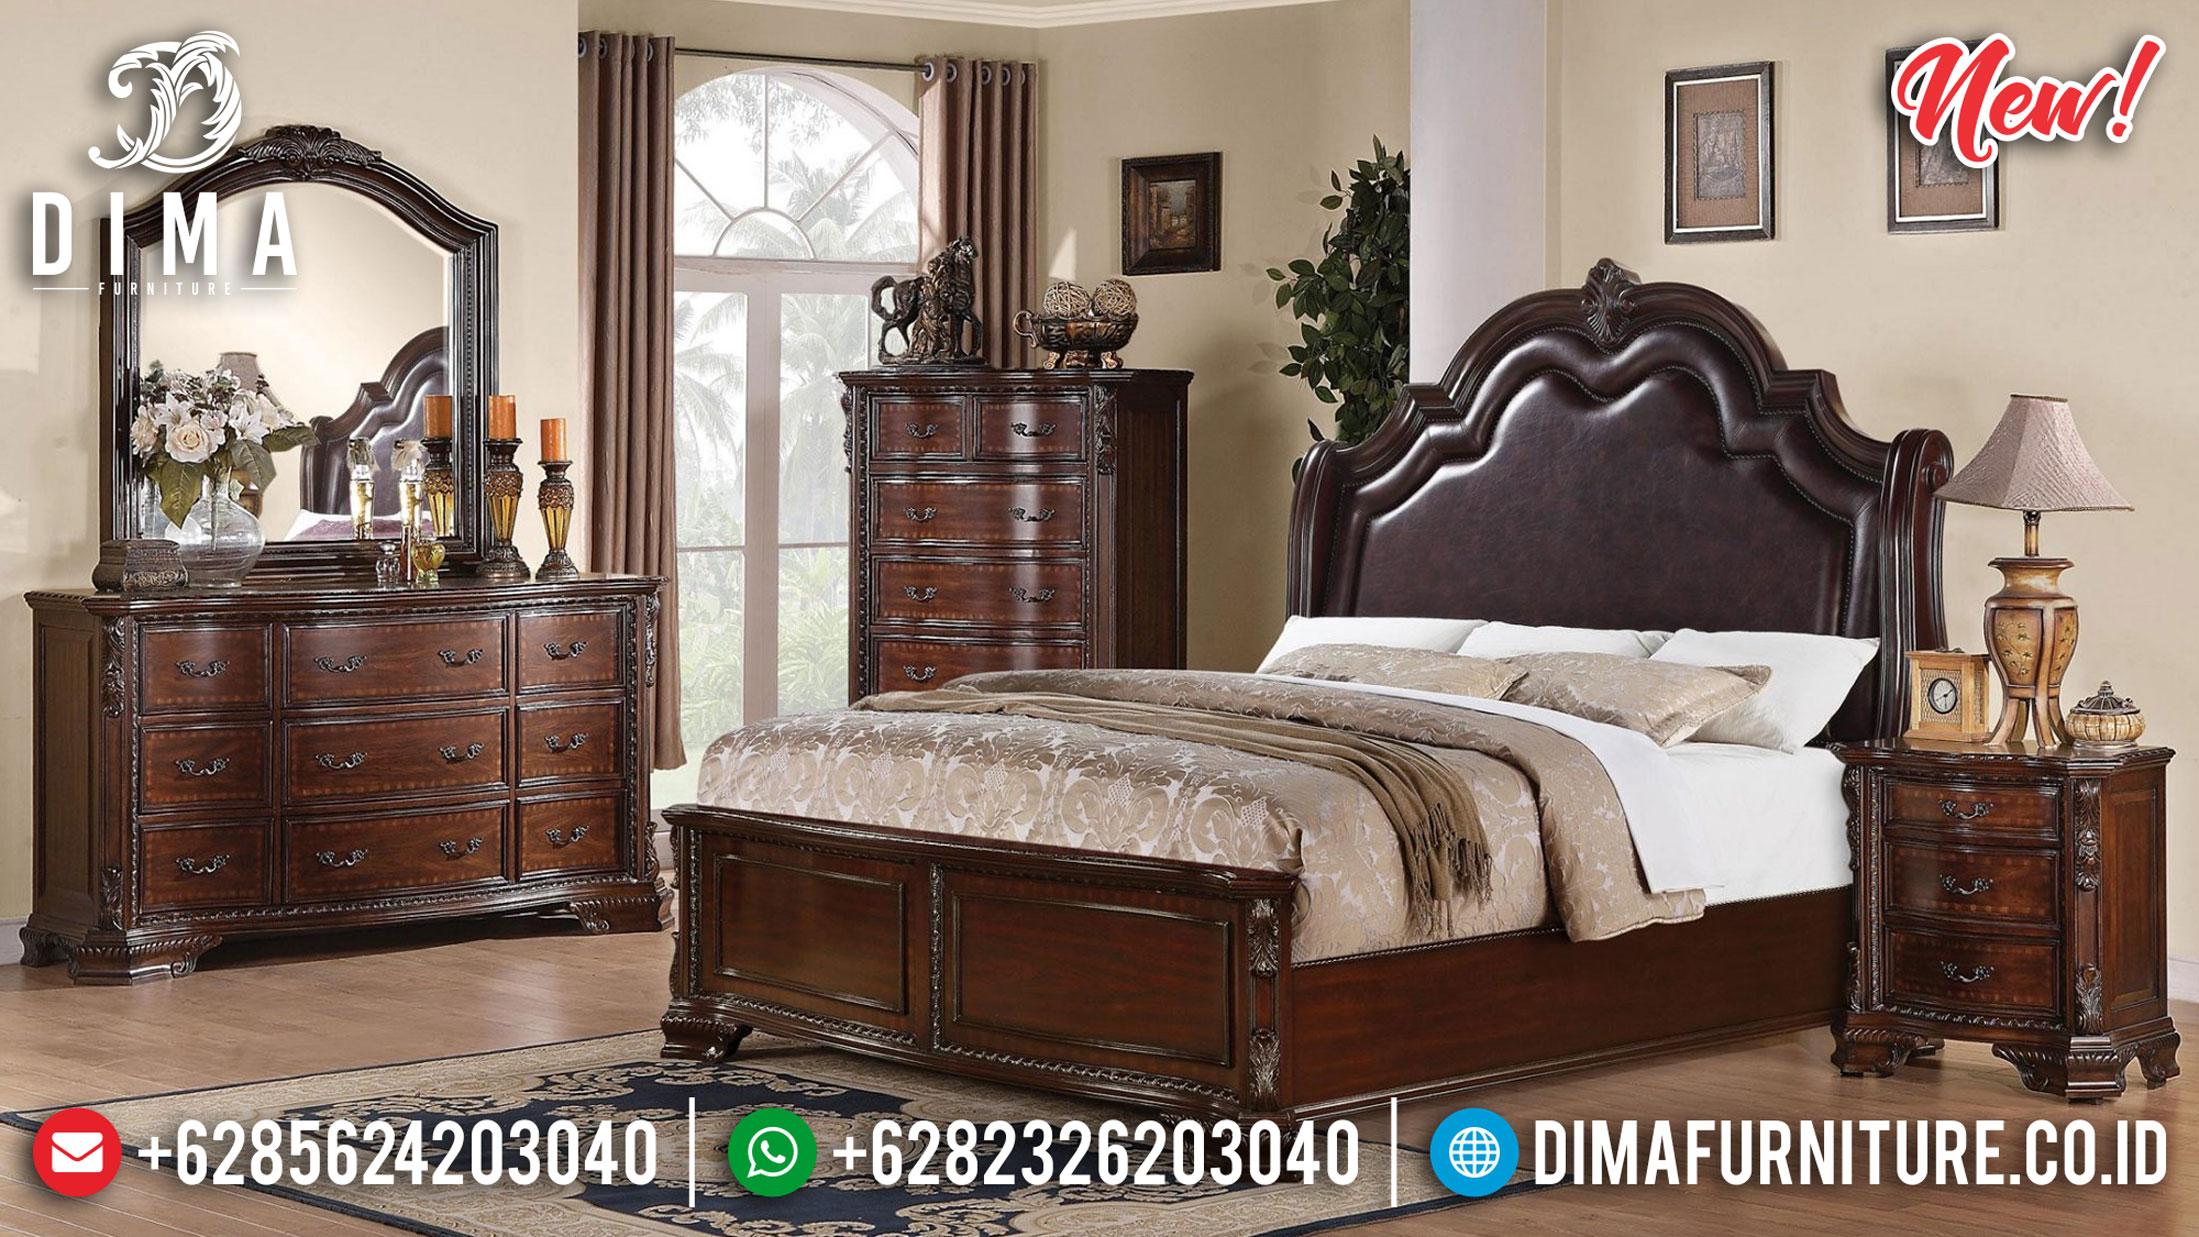 Model Tempat Tidur Minimalis Klasik Jati Perhutani Natural Color Mebel Jepara Terbaru TTJ-1076